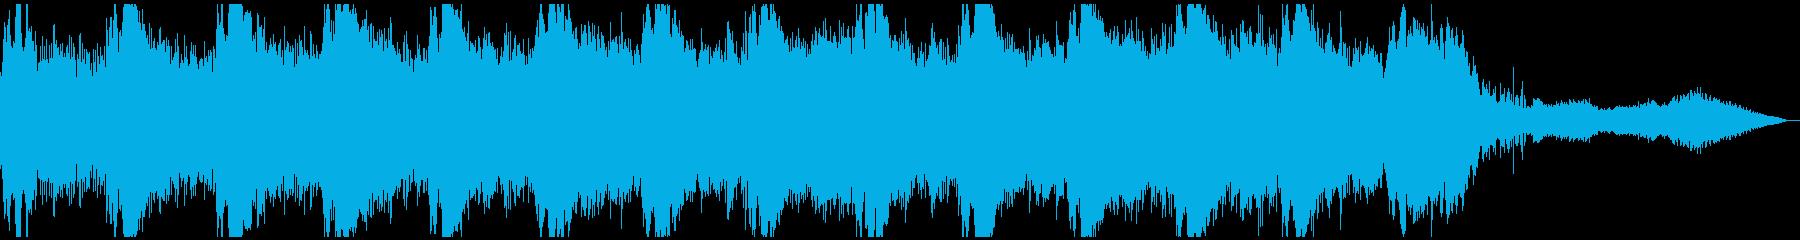 わくわくを感じるミステリアスなBGMの再生済みの波形